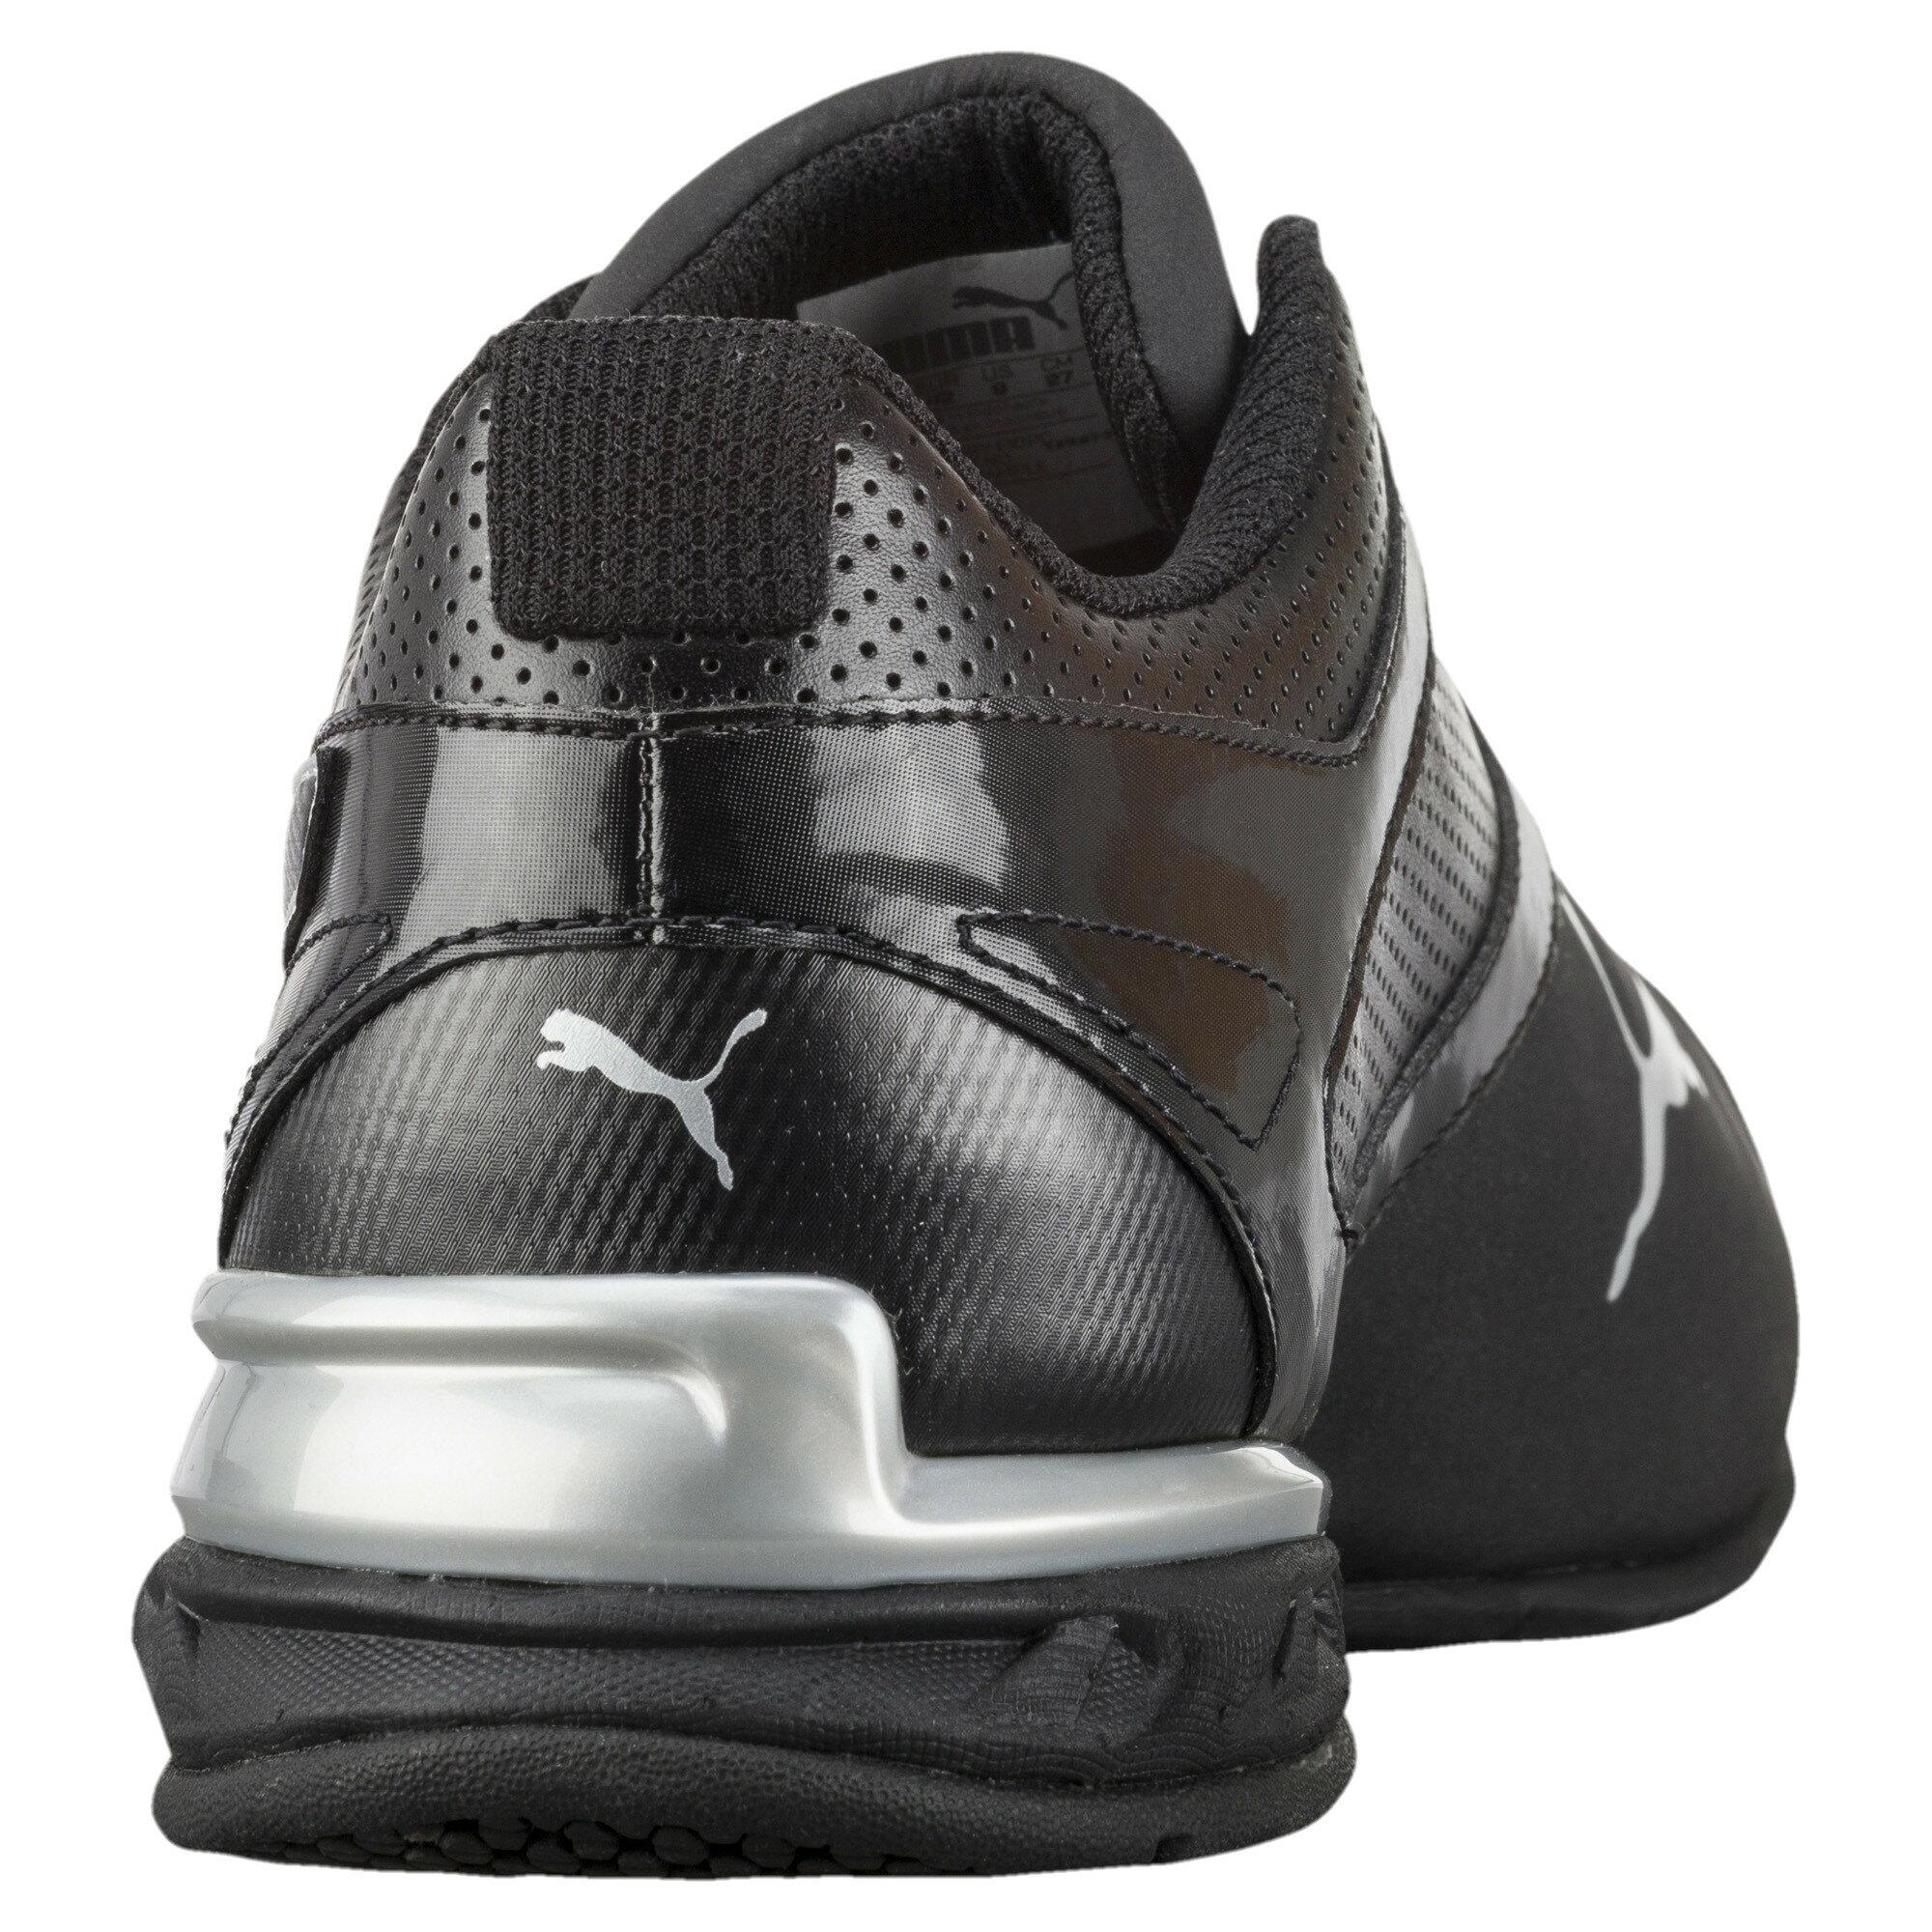 891113e933cbfa Official Puma Store  PUMA Tazon 6 FM Men s Sneakers